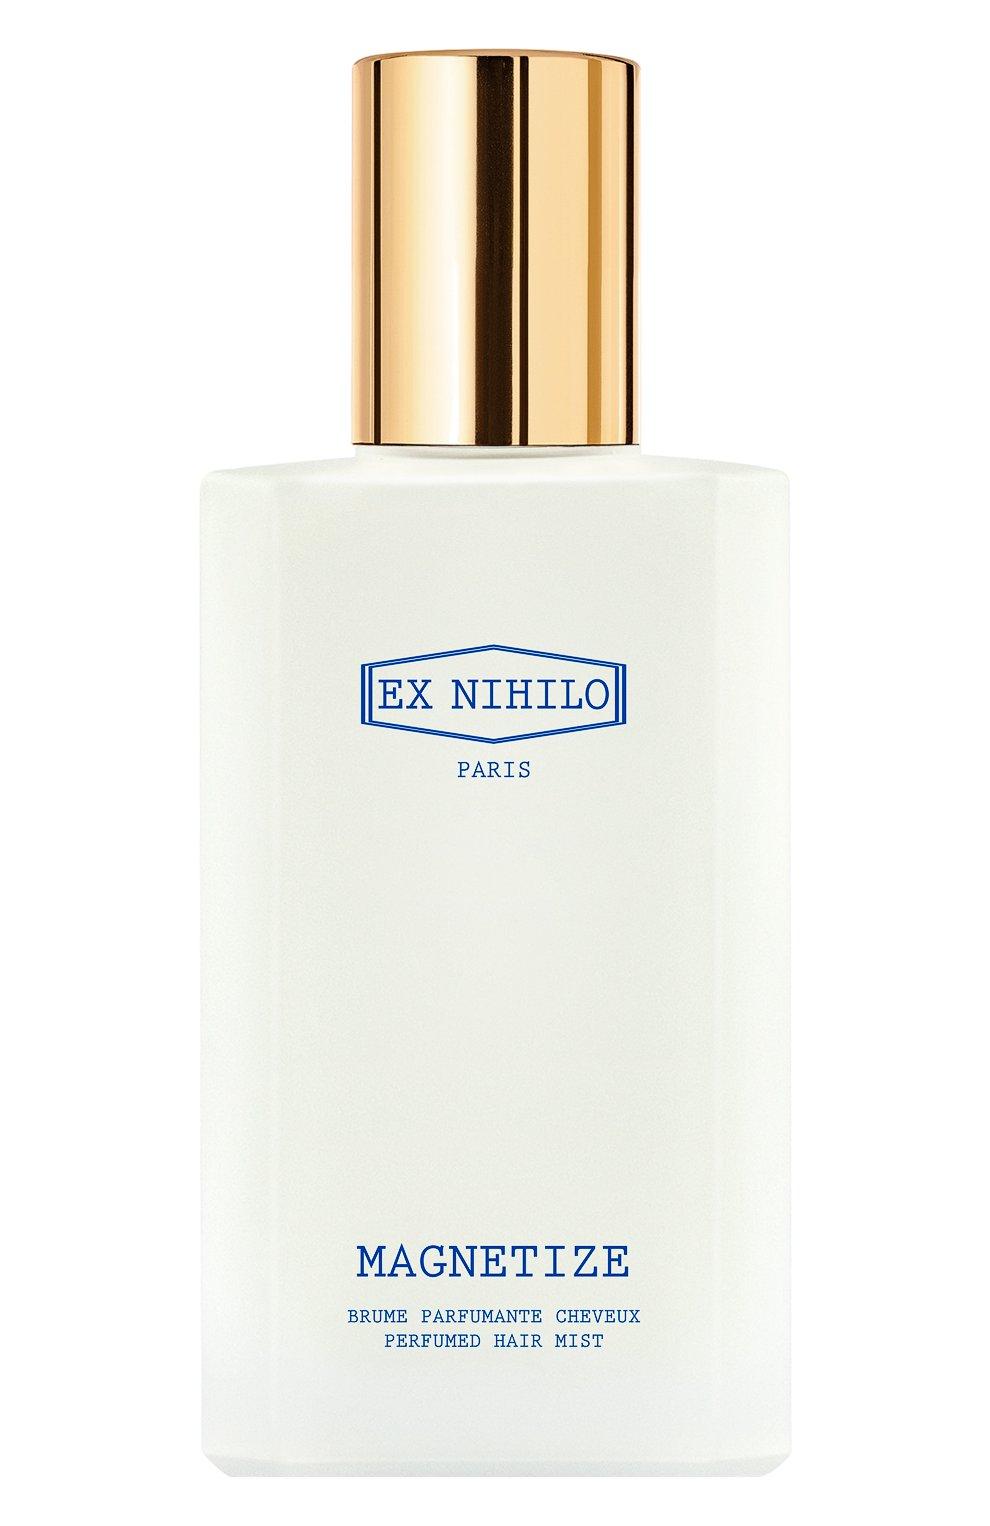 Парфюмированная дымка для волос magnetize EX NIHILO бесцветного цвета, арт. 3760264092346 | Фото 1 (Ограничения доставки: flammable)